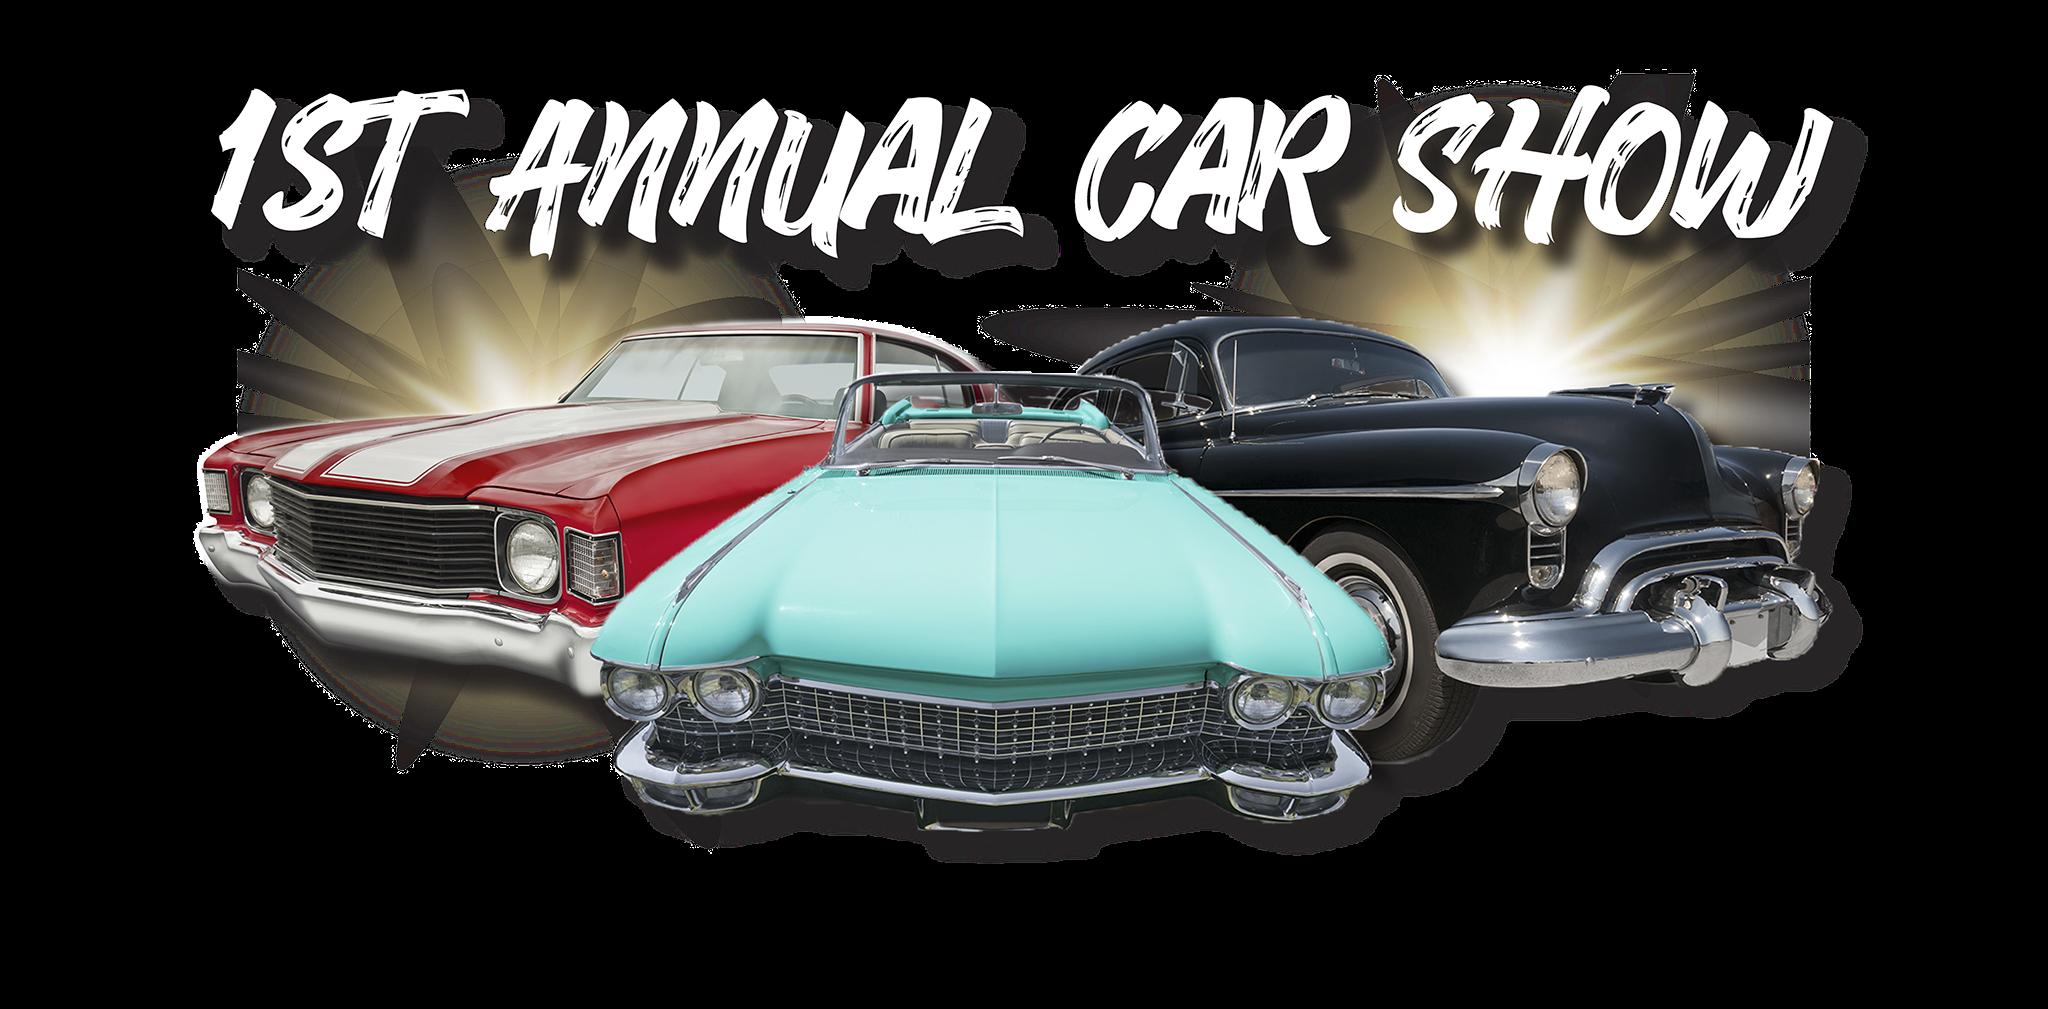 WDJO FM AM Cincinnatis Rock N Roll Oldies - Car show in cincinnati this weekend